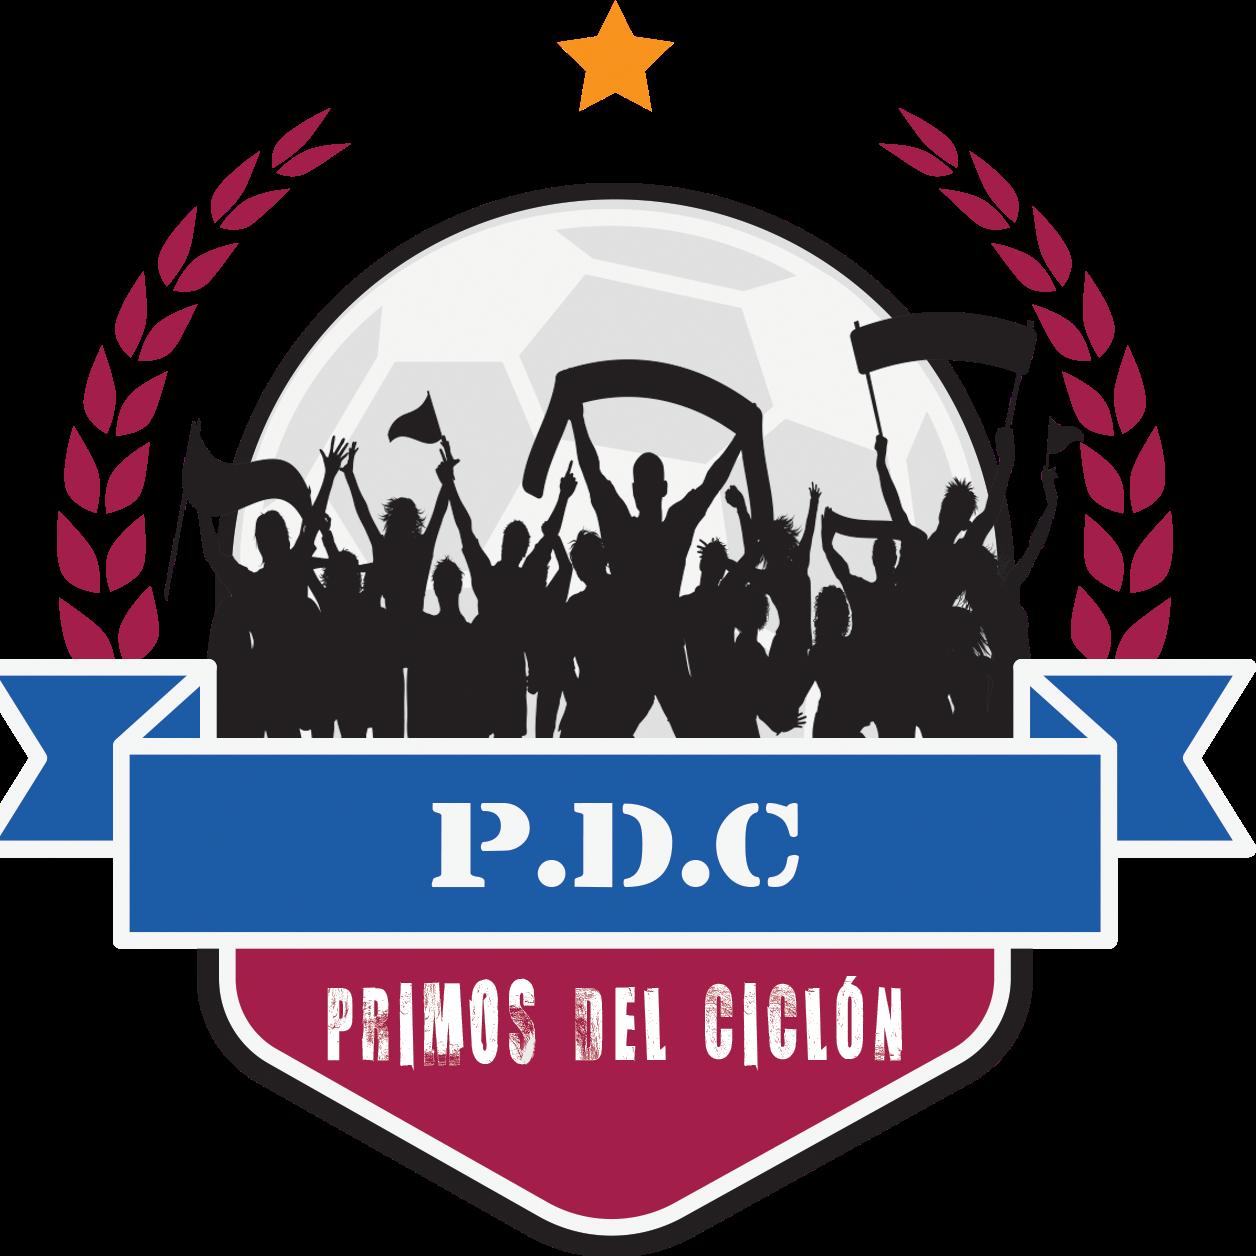 PRIMOS DEL CICLÓN